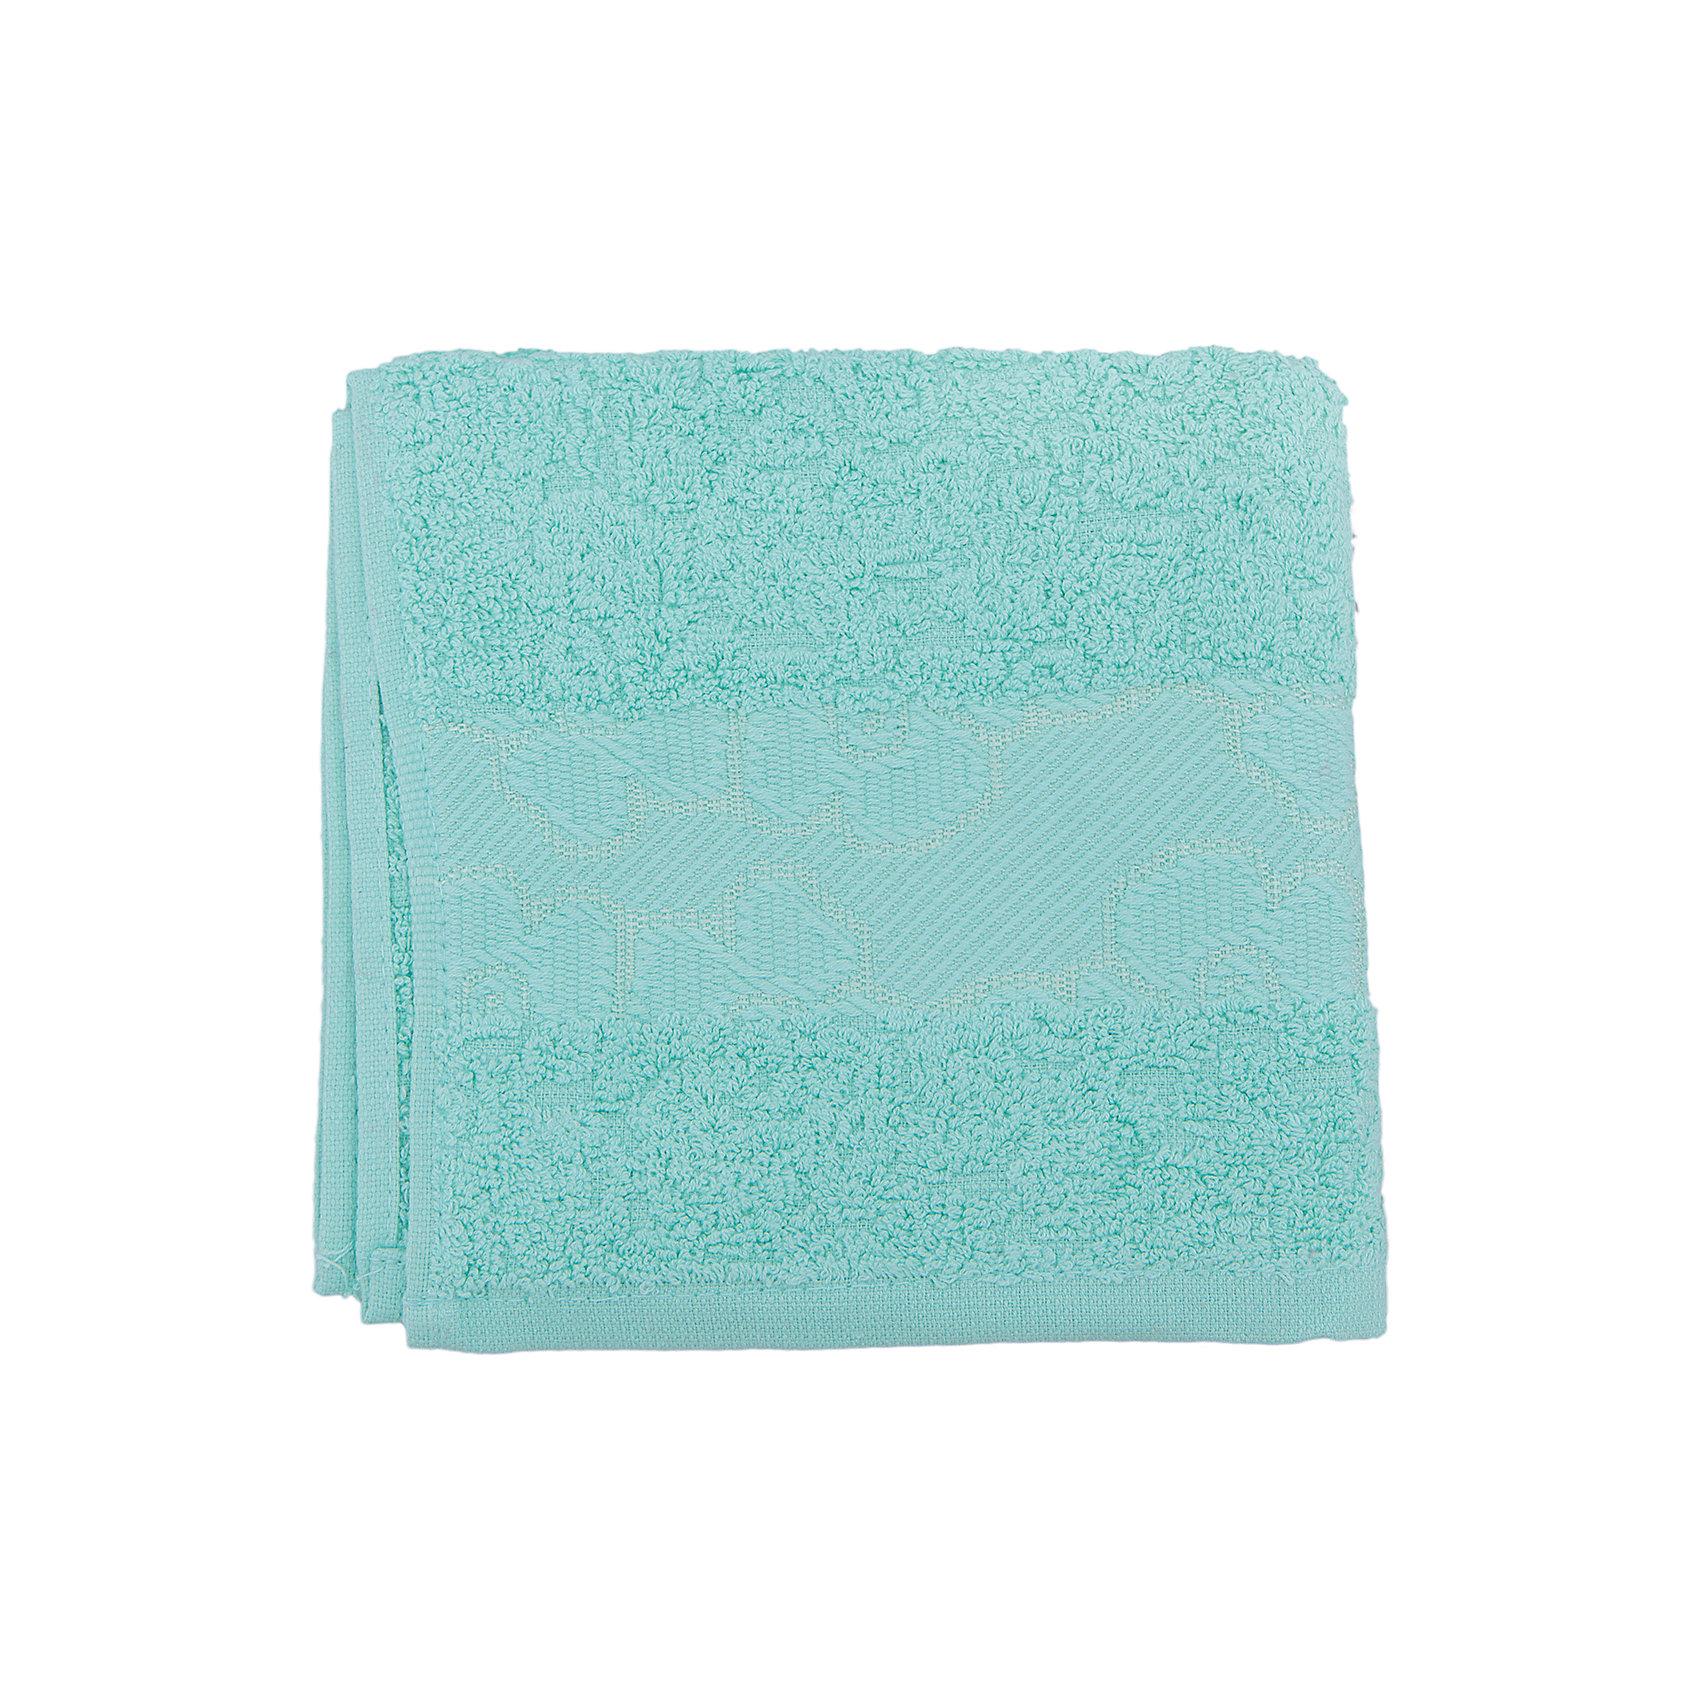 Полотенце махровое Viola 40*75, Португалия, ментоловыйДомашний текстиль<br>Махровое полотенце Viola изготовлено из натурального хлопка, приятного телу. Полотенце отлично впитывает влагу, износостойкое и не теряет цвет при стирке. Приятный цвет и дизайн полотенца отлично впишется в вашу ванную комнату.<br><br>Дополнительная информация:<br>Материал: 100% хлопок<br>Плотность: 500 г/м2<br>Размер: 40х75 см<br>Цвет: ментоловый<br>Торговая марка: Португалия<br><br>Махровое полотенце Viola можно купить в нашем интернет-магазине.<br><br>Ширина мм: 500<br>Глубина мм: 500<br>Высота мм: 200<br>Вес г: 200<br>Возраст от месяцев: 0<br>Возраст до месяцев: 144<br>Пол: Унисекс<br>Возраст: Детский<br>SKU: 5010938